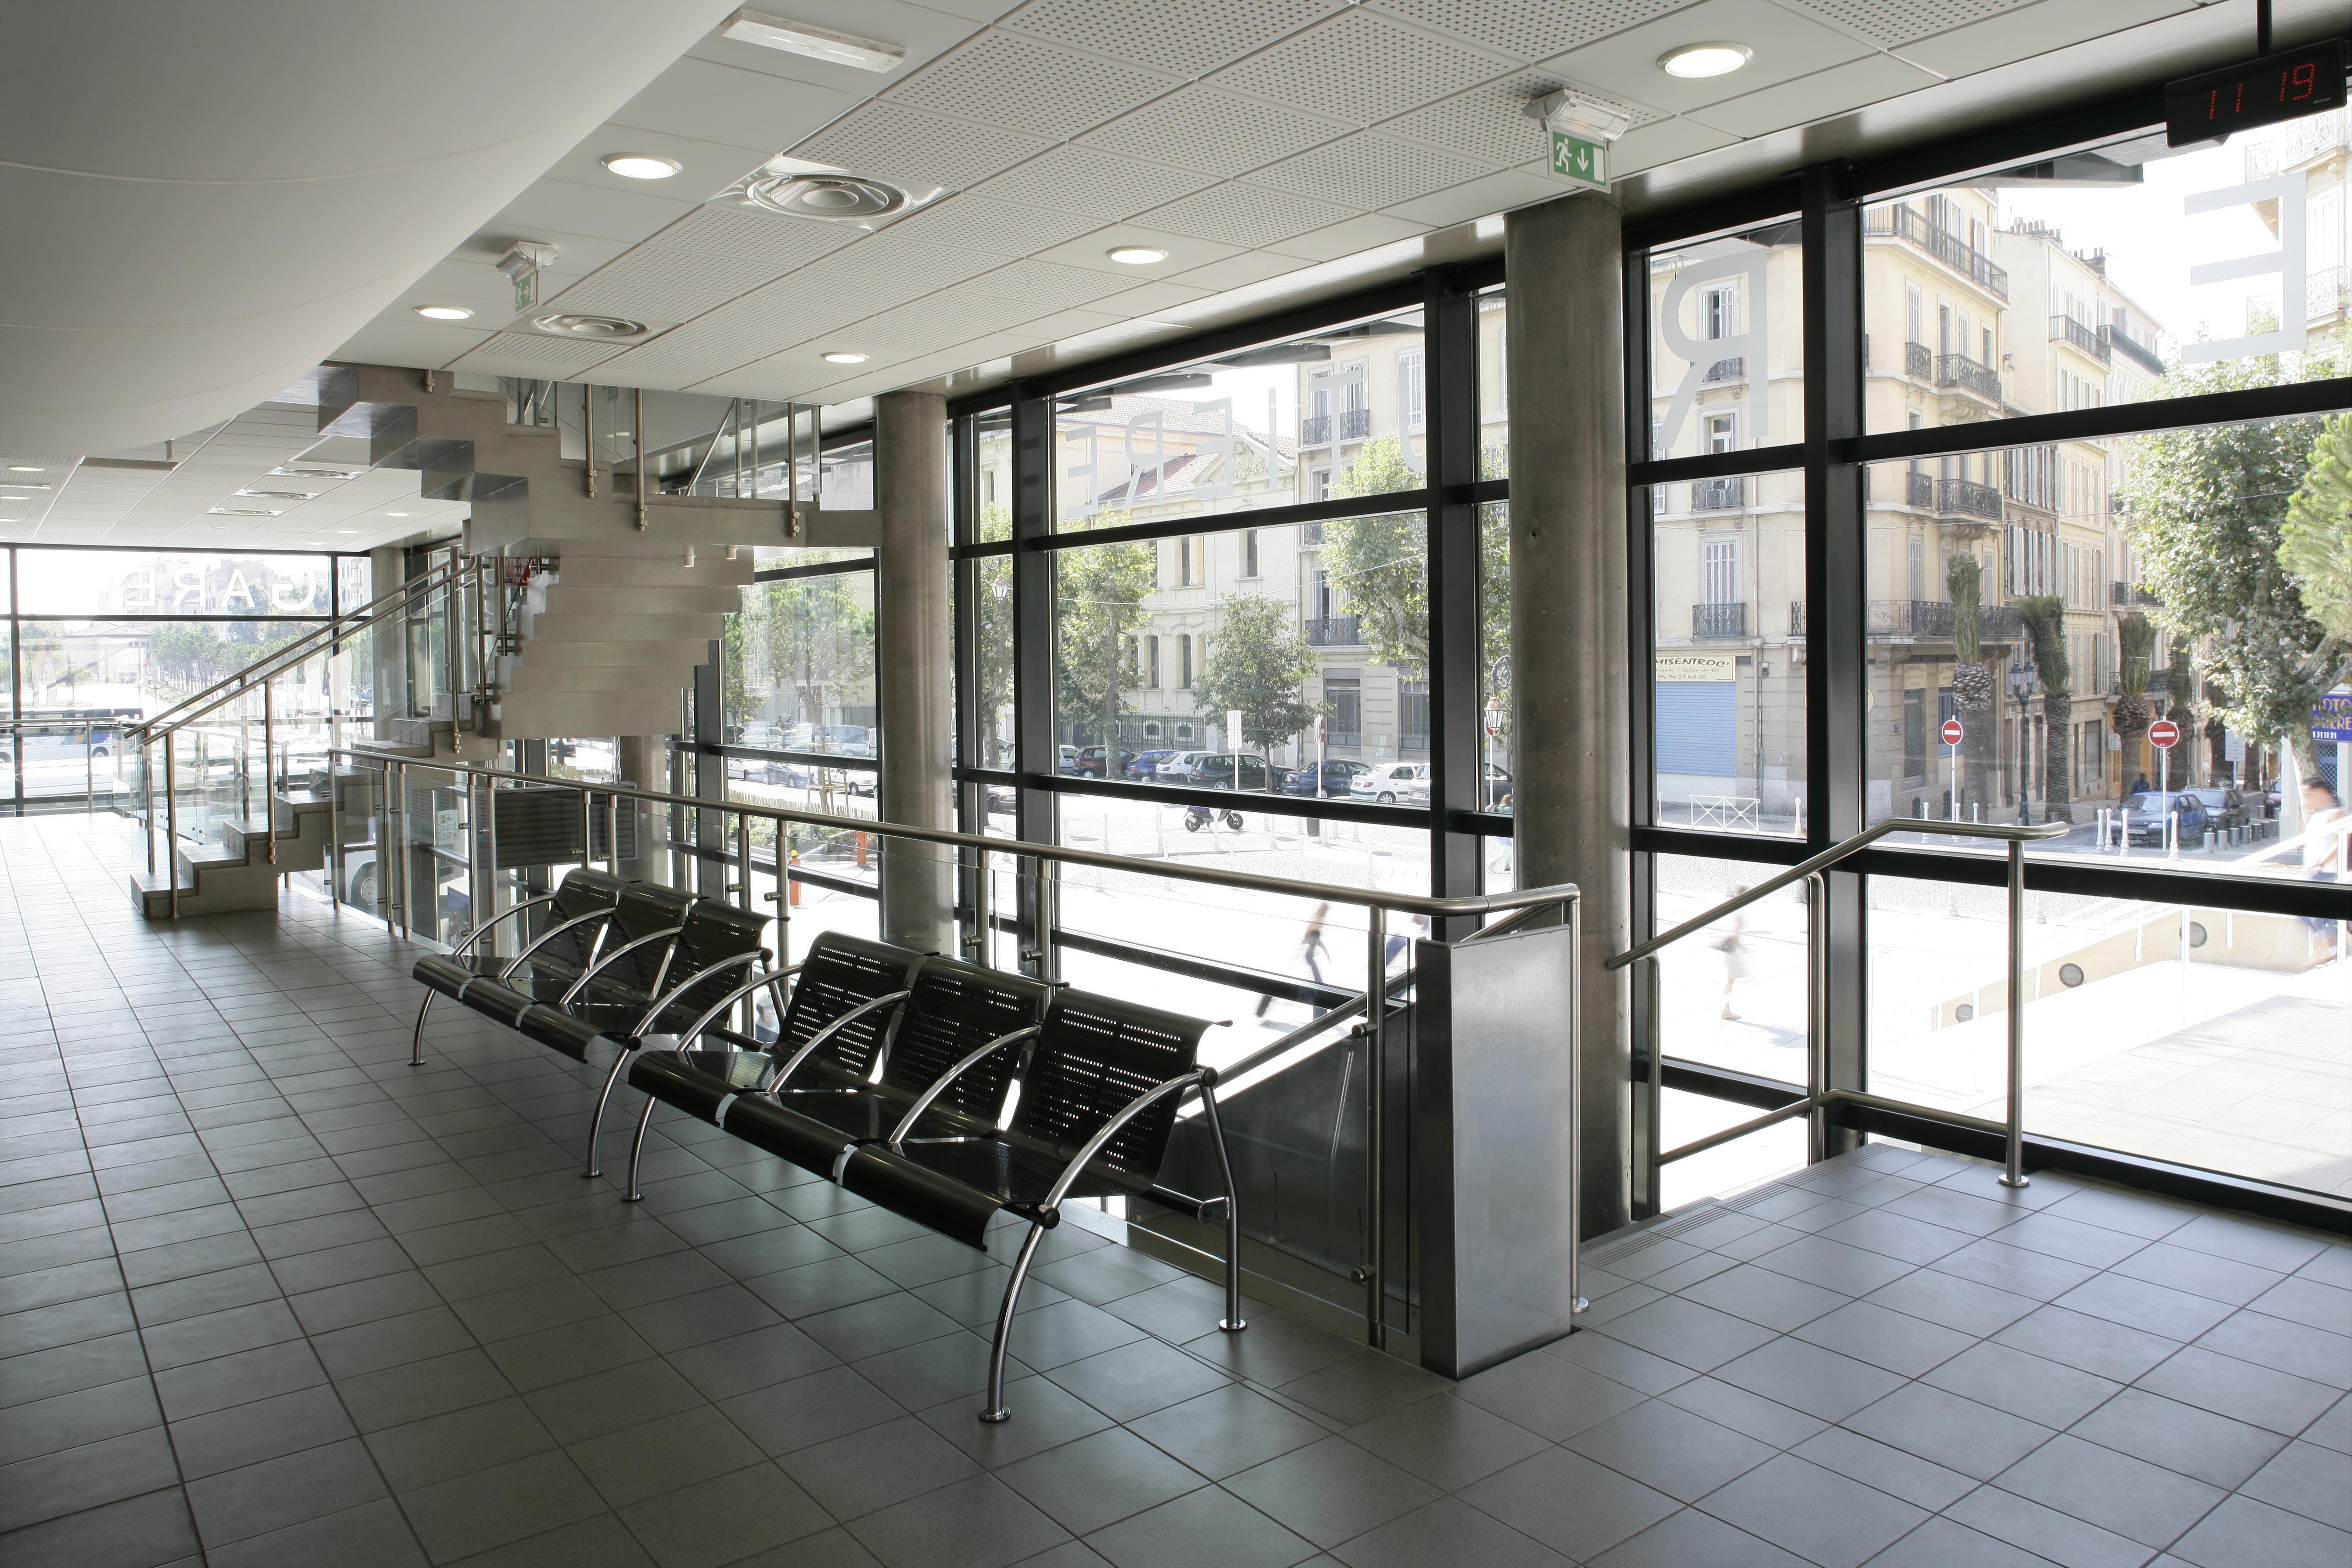 Intérieur De la gare routière de Toulon par AAPL architecte intérieur dans le VAR